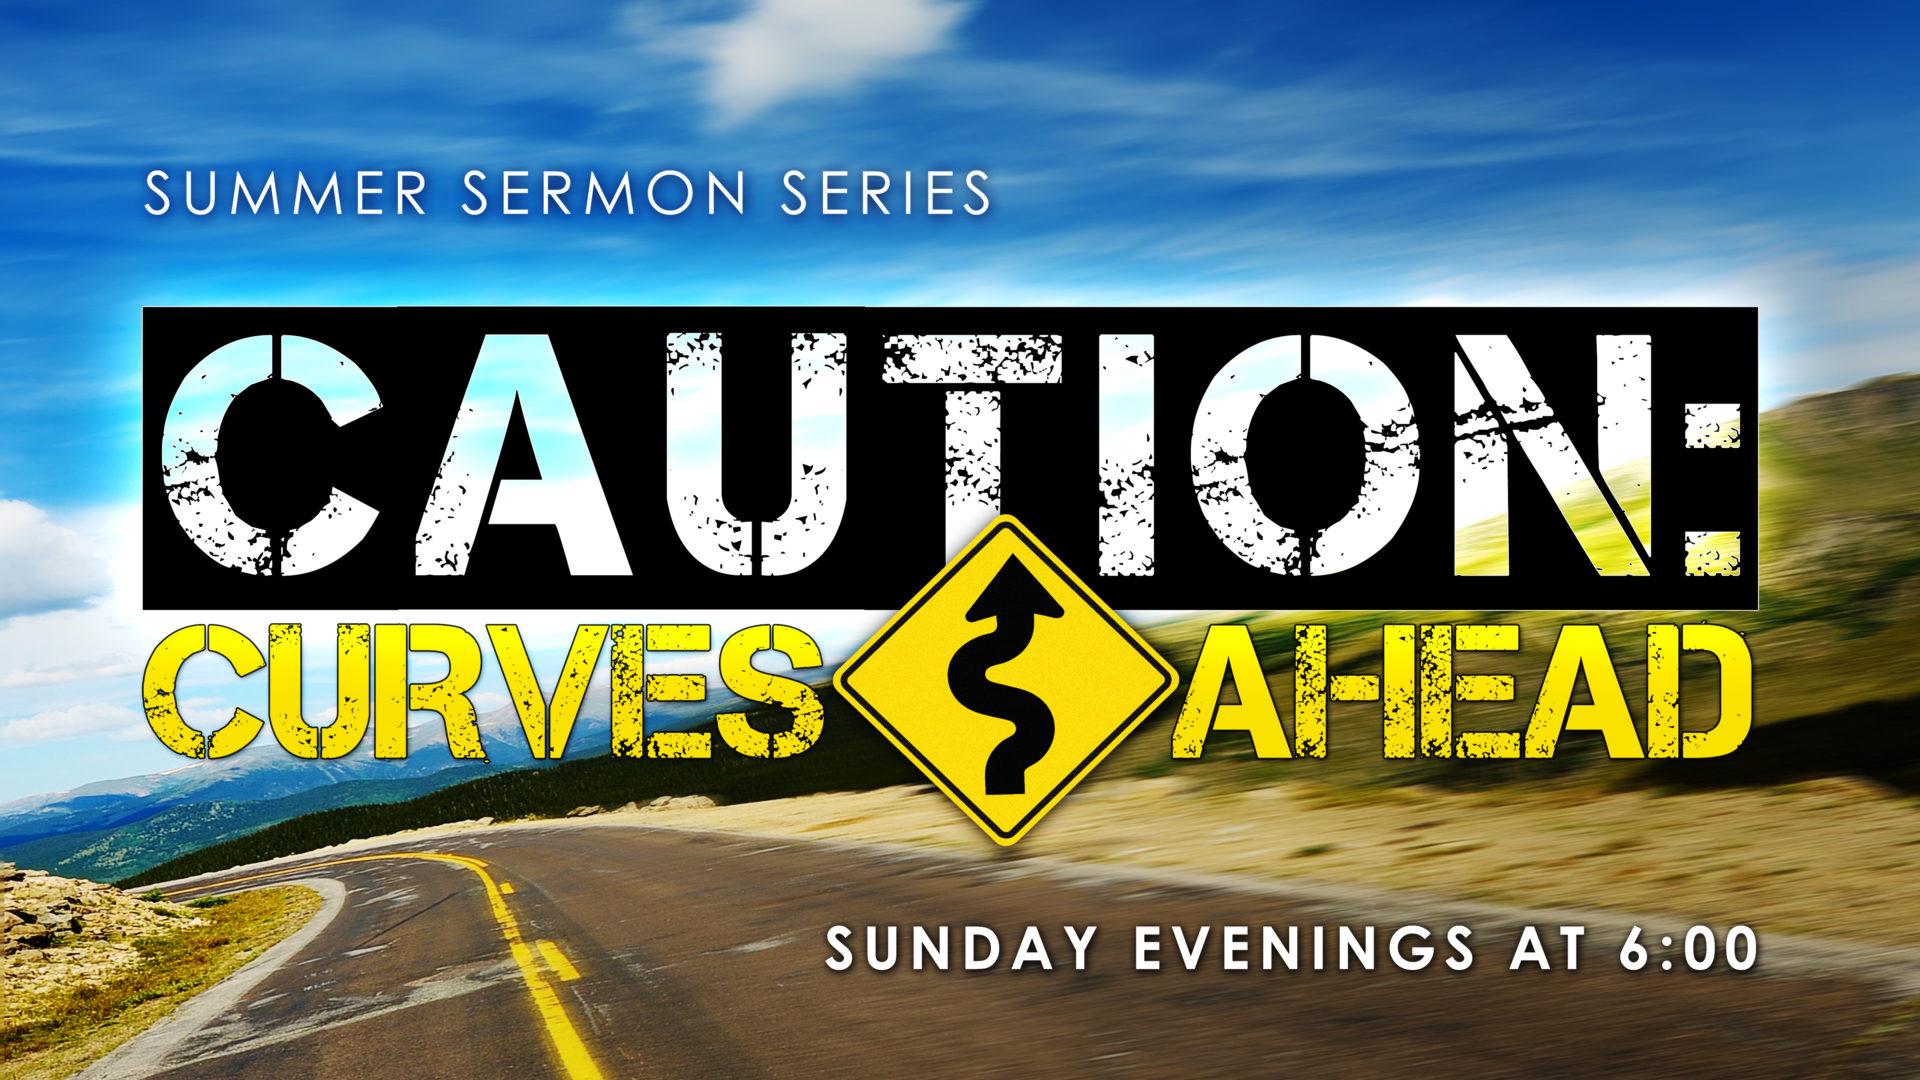 Curves Ahead Evening Sermon Series